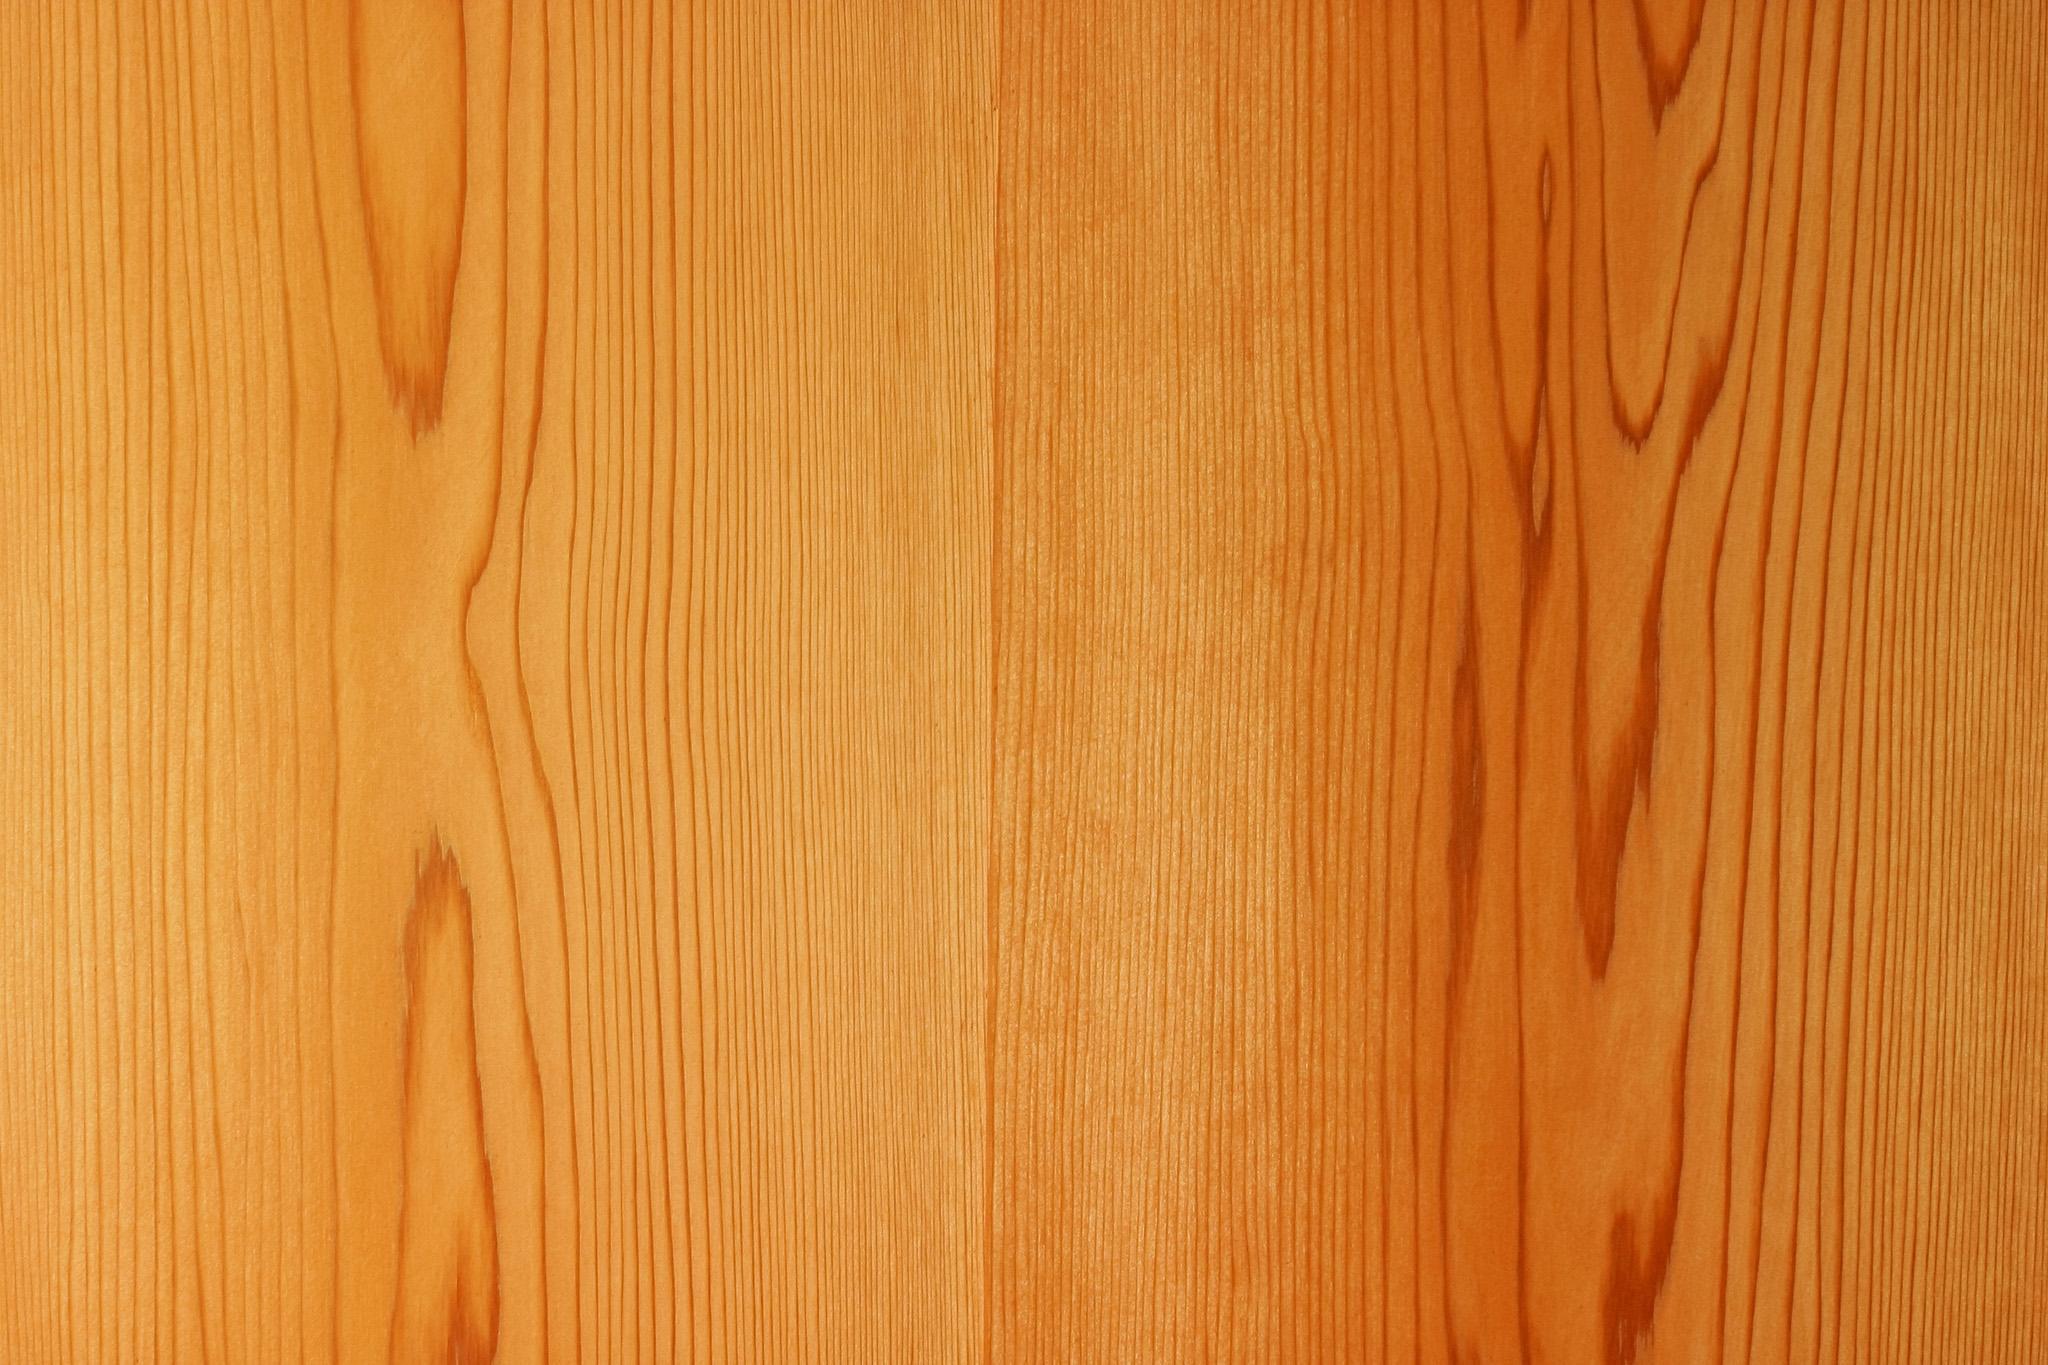 「美しい木目の秋田杉中杢」の素材を無料ダウンロード